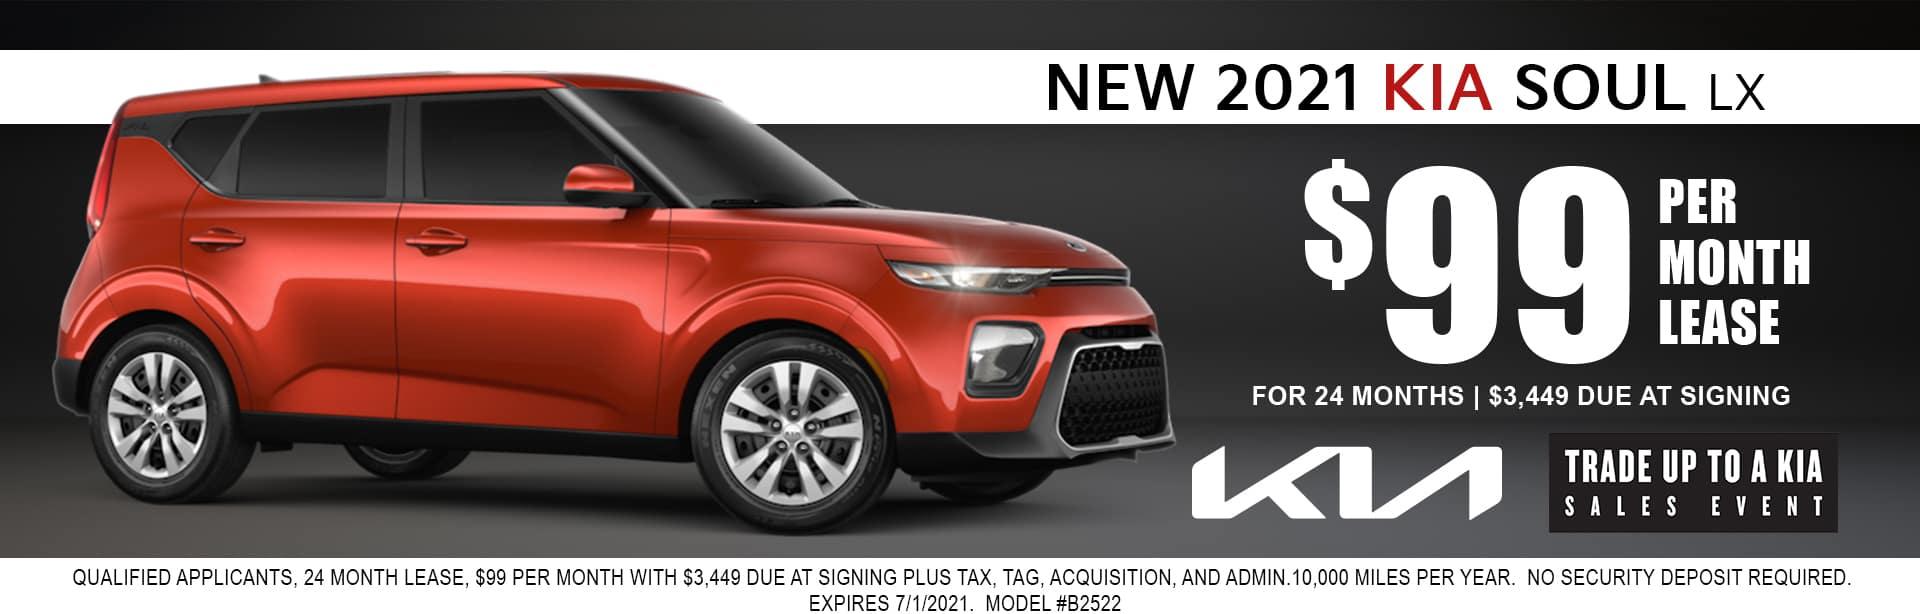 2021 Kia Soul lease for $99/mo